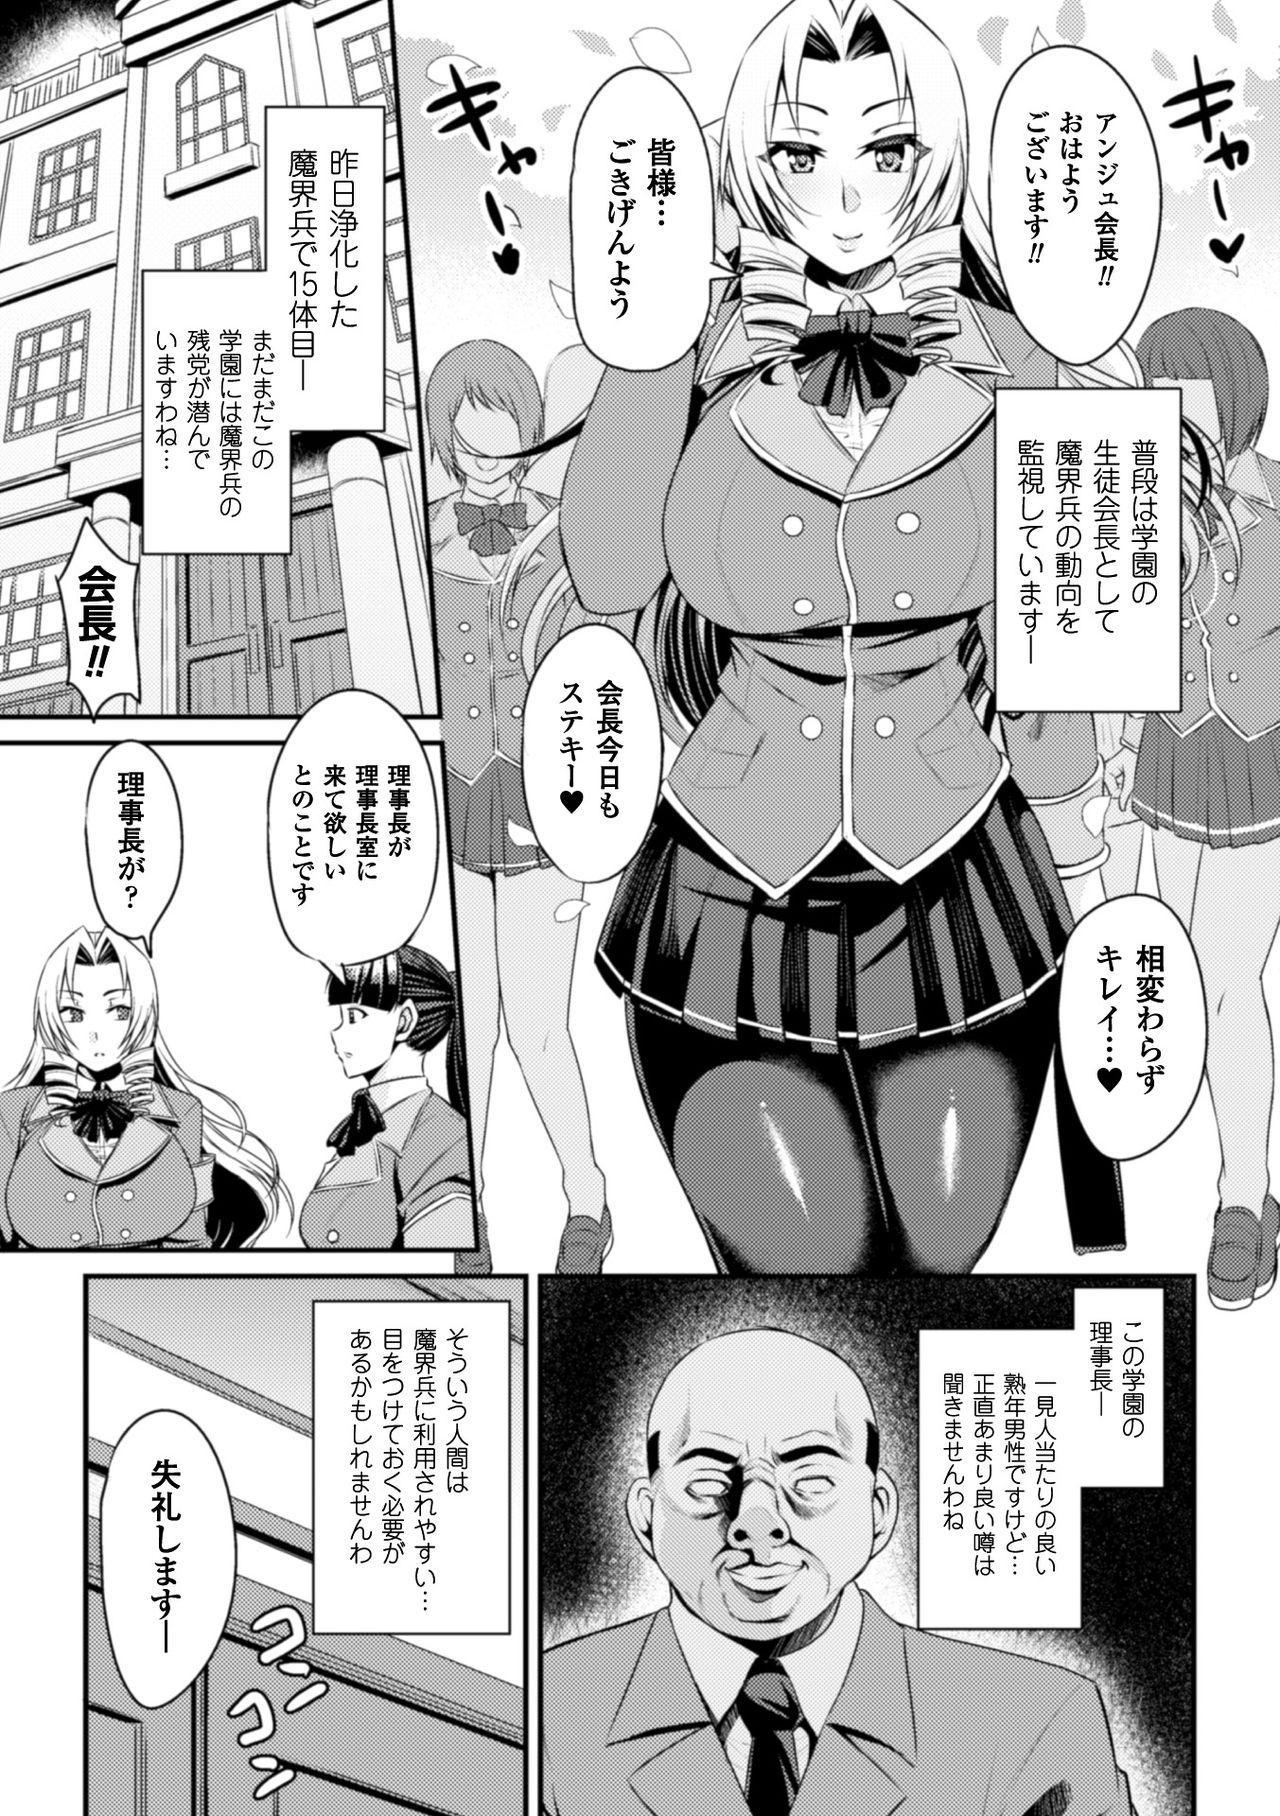 2D Comic Magazine Saimin Appli de Henshin Heroine o Yaritai Houdai! Vol. 1 44